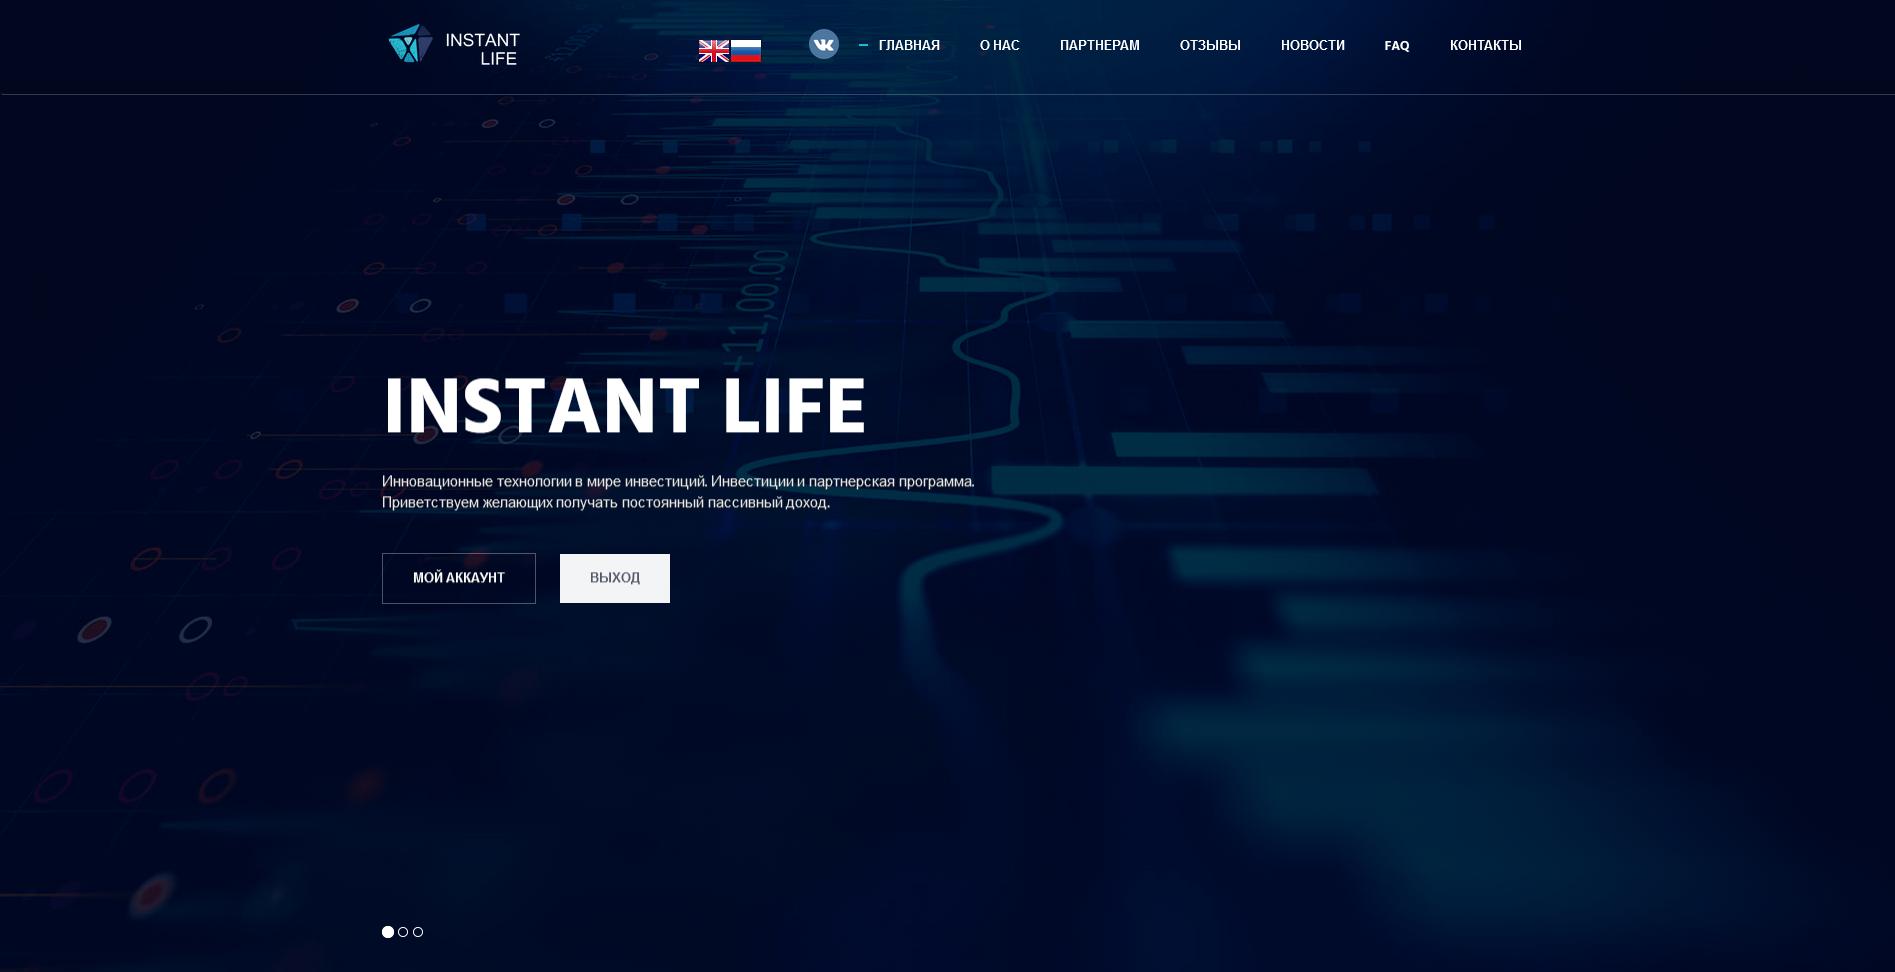 instant life - instant-life.com